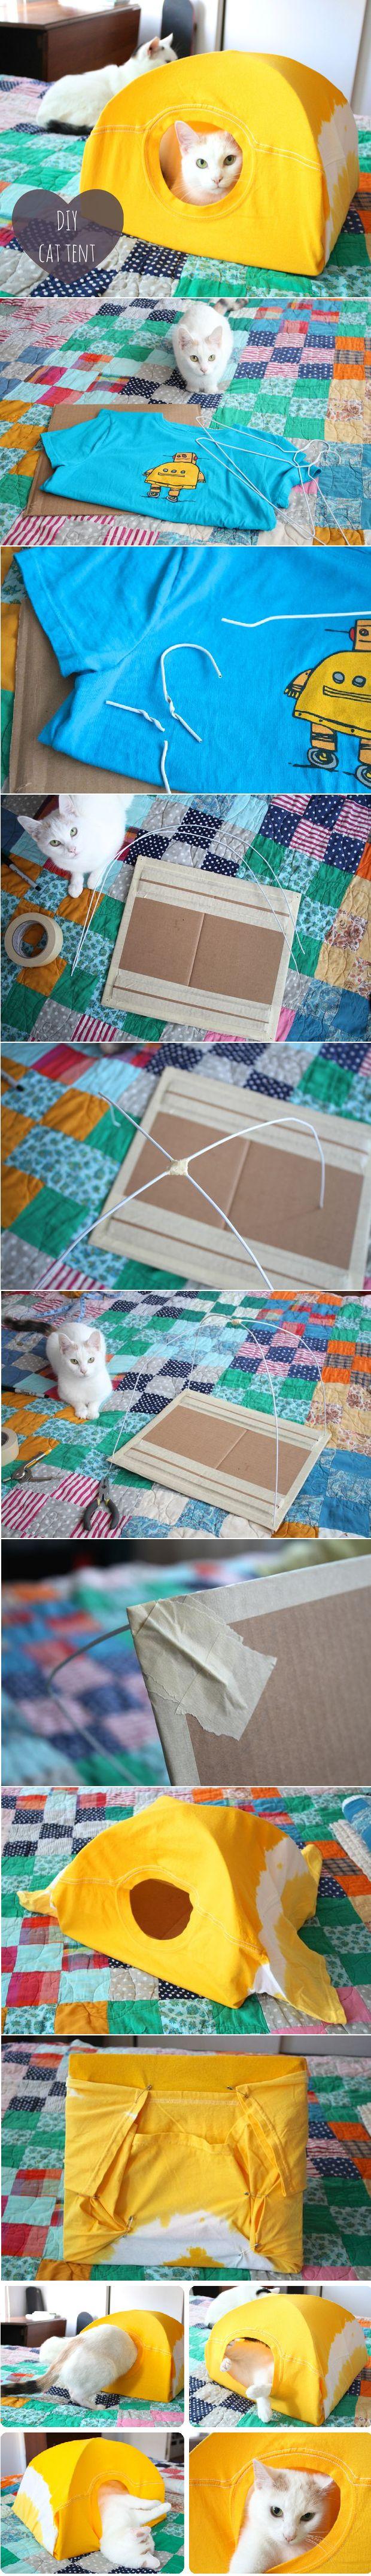 Tente pour chat en carton et tee-shirt